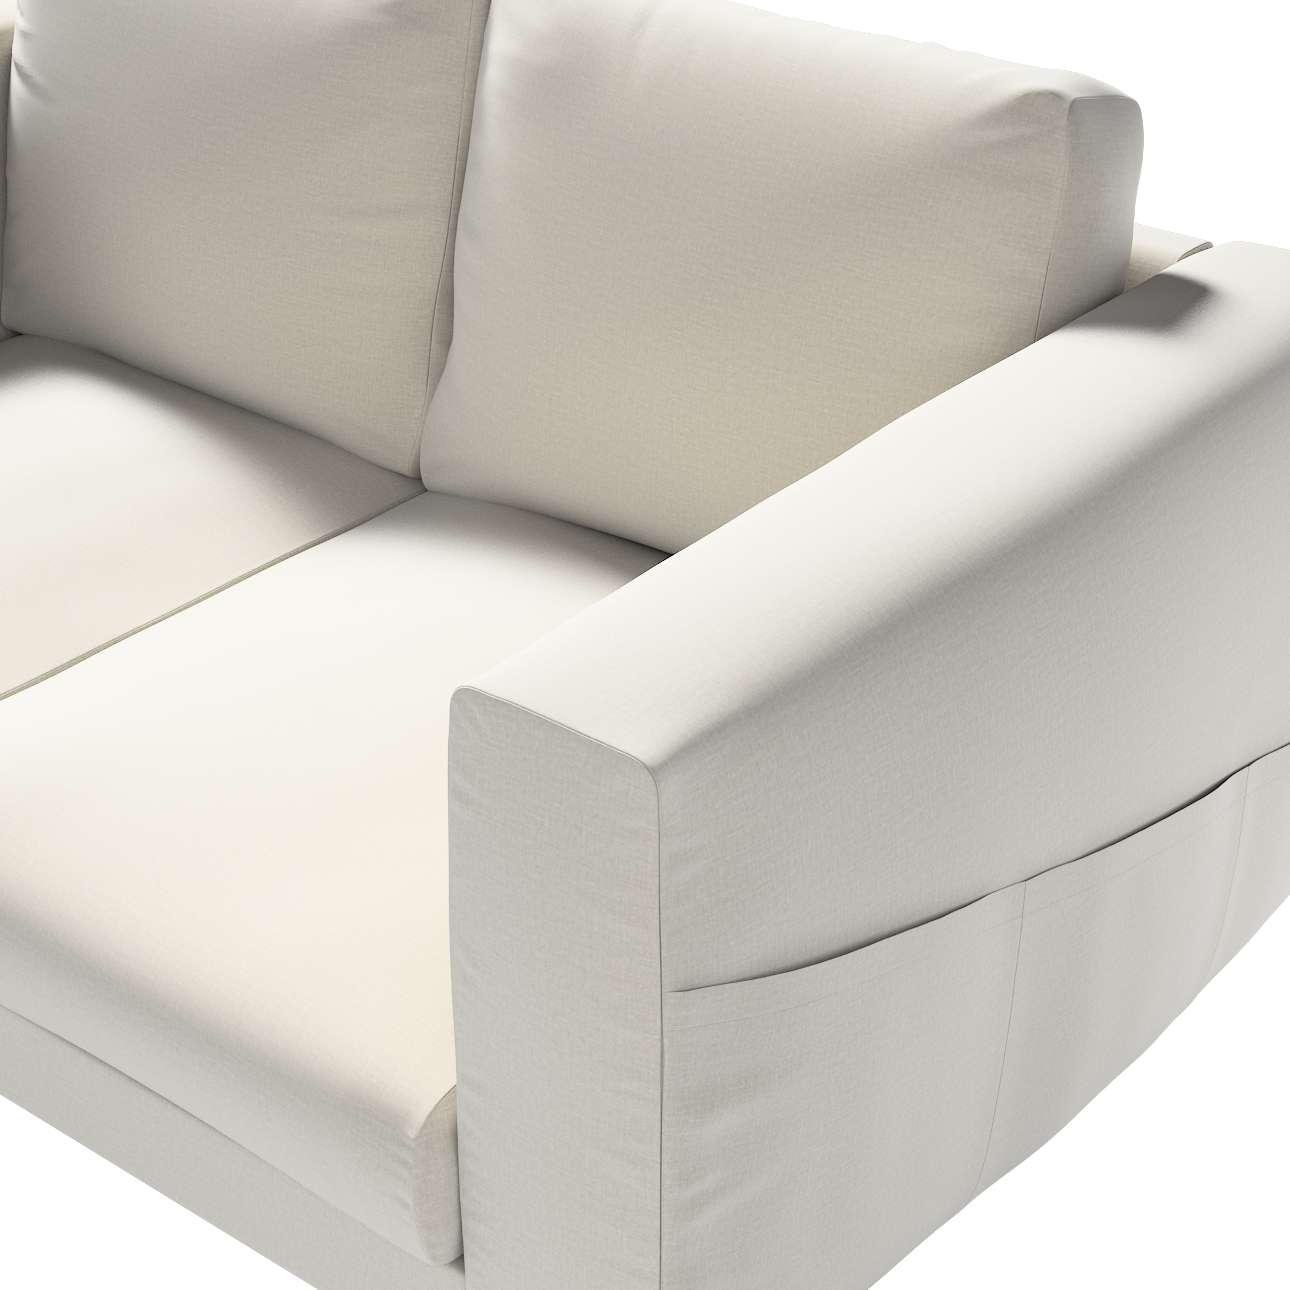 Pokrowiec na sofę Norsborg 2-osobową w kolekcji Ingrid, tkanina: 705-40